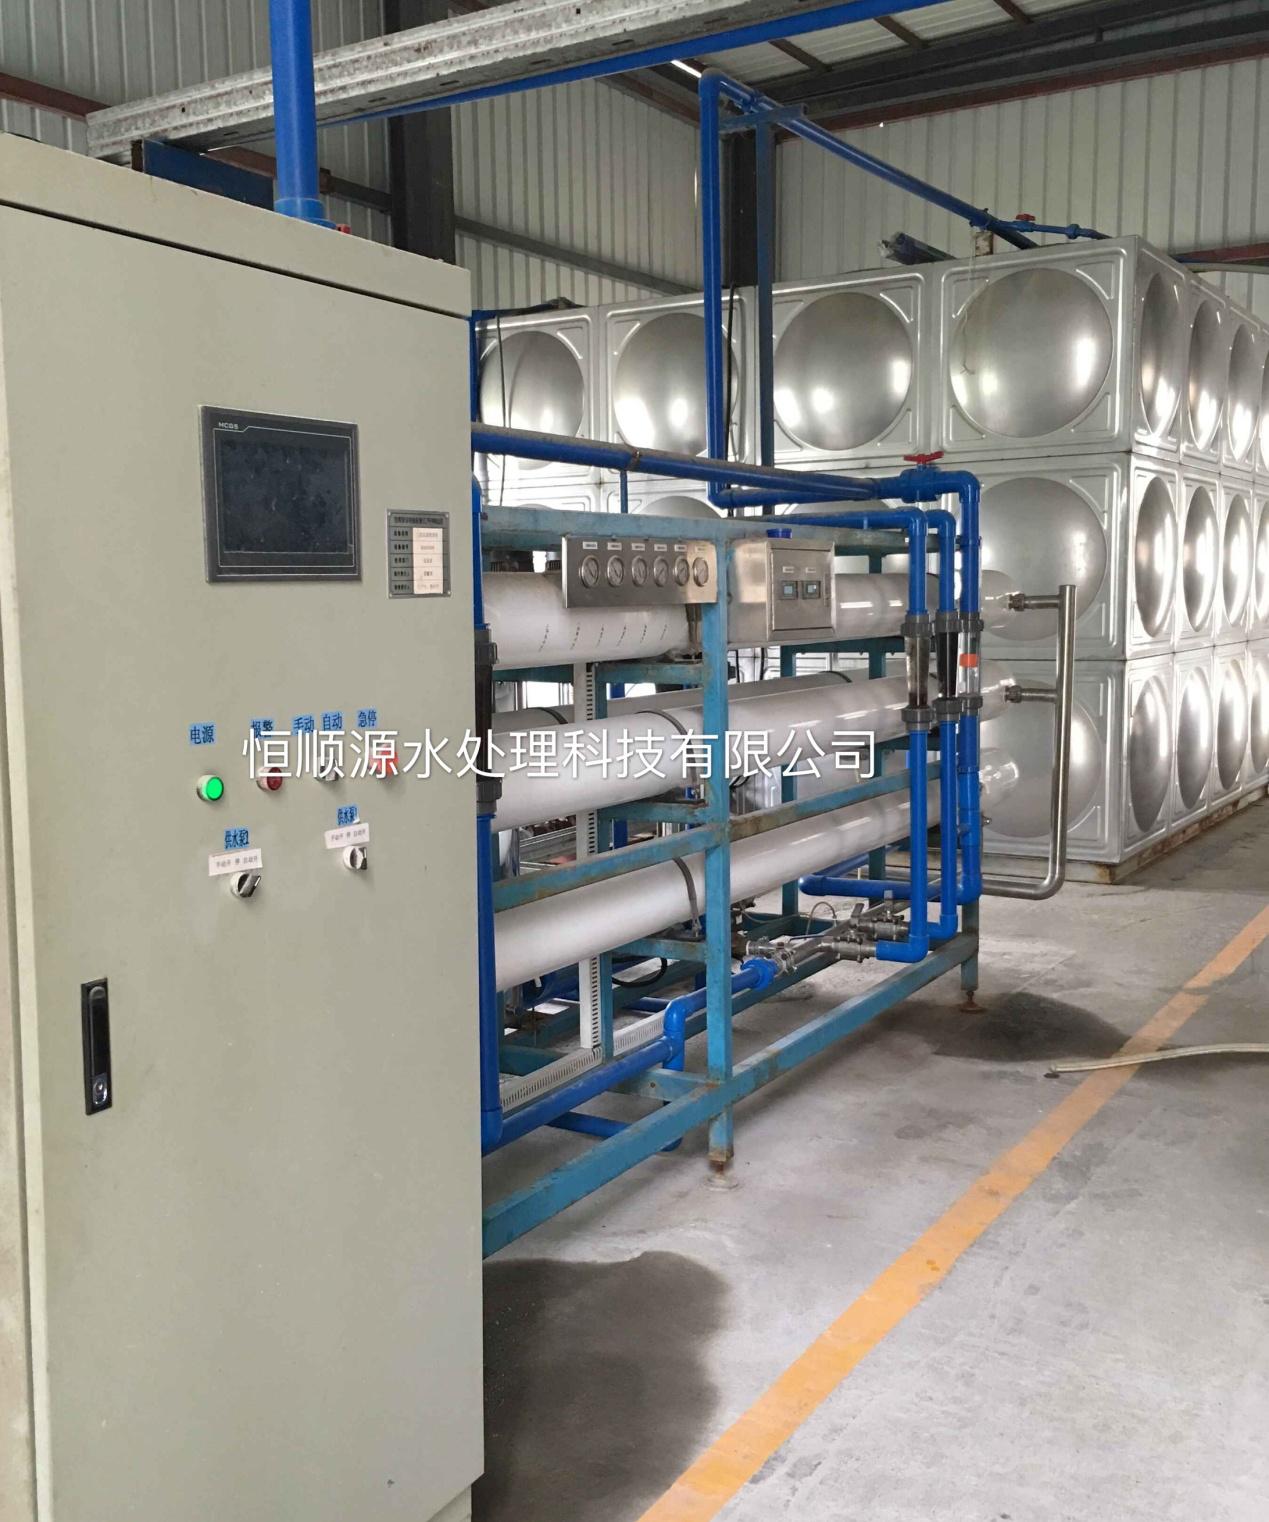 信义环保特种玻璃(亚博娱乐官方网站)有限公司10吨/小时纯水工程案例